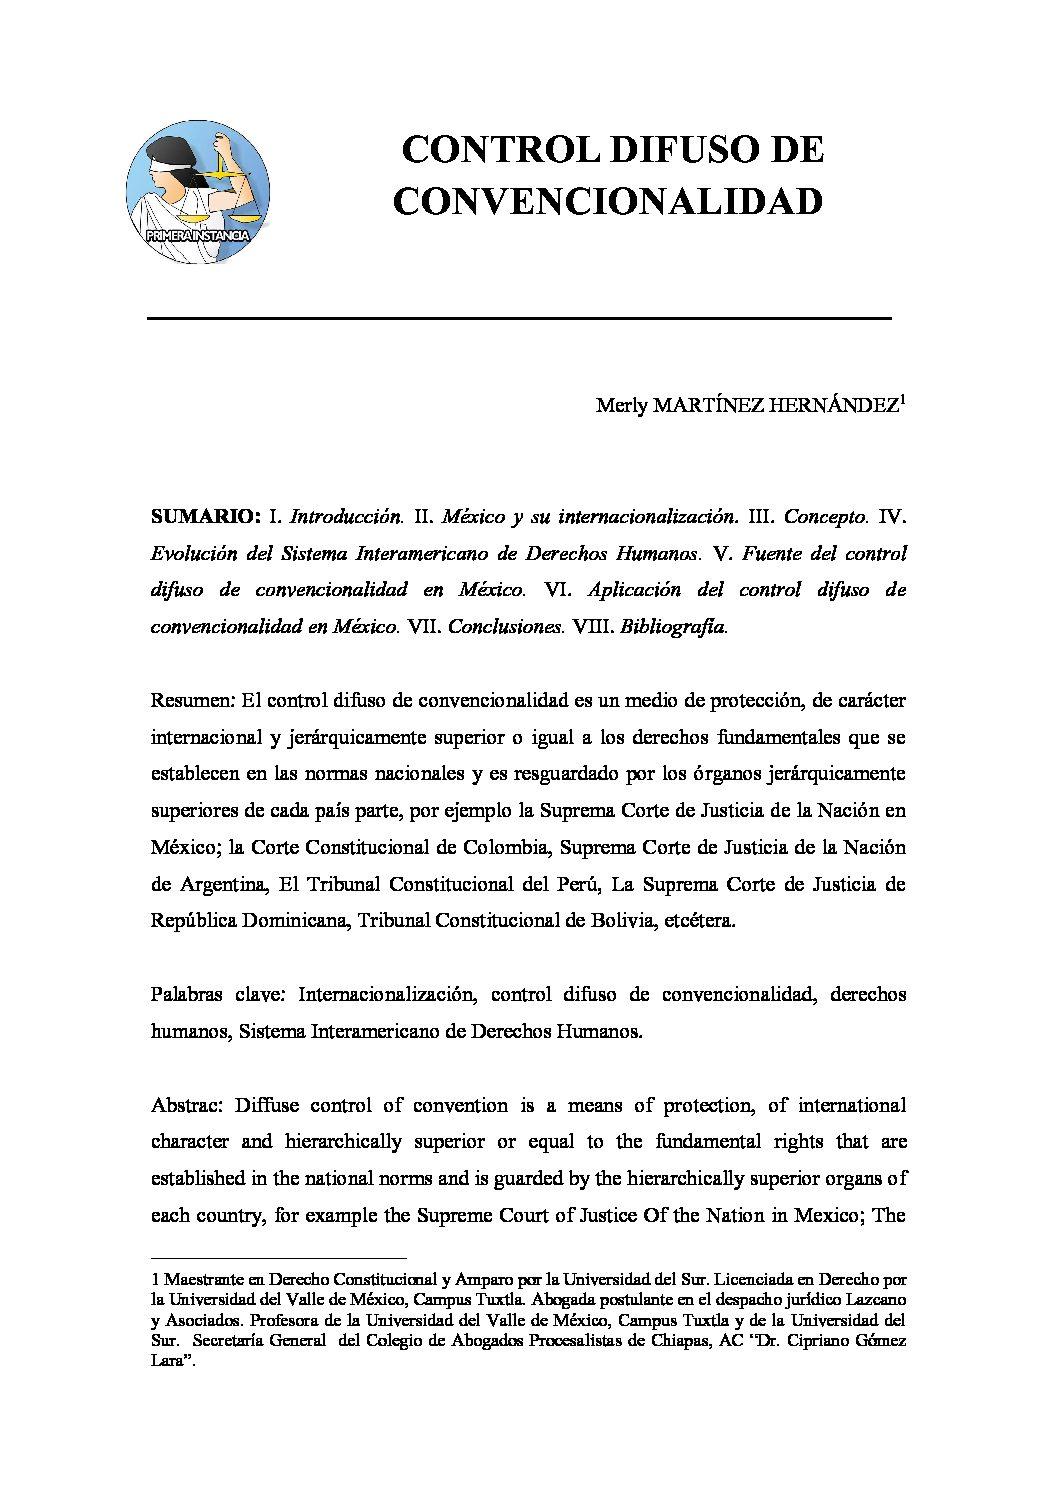 CONTROL DIFUSO DE CONVENCIONALIDAD, Merly Martínez Hernández